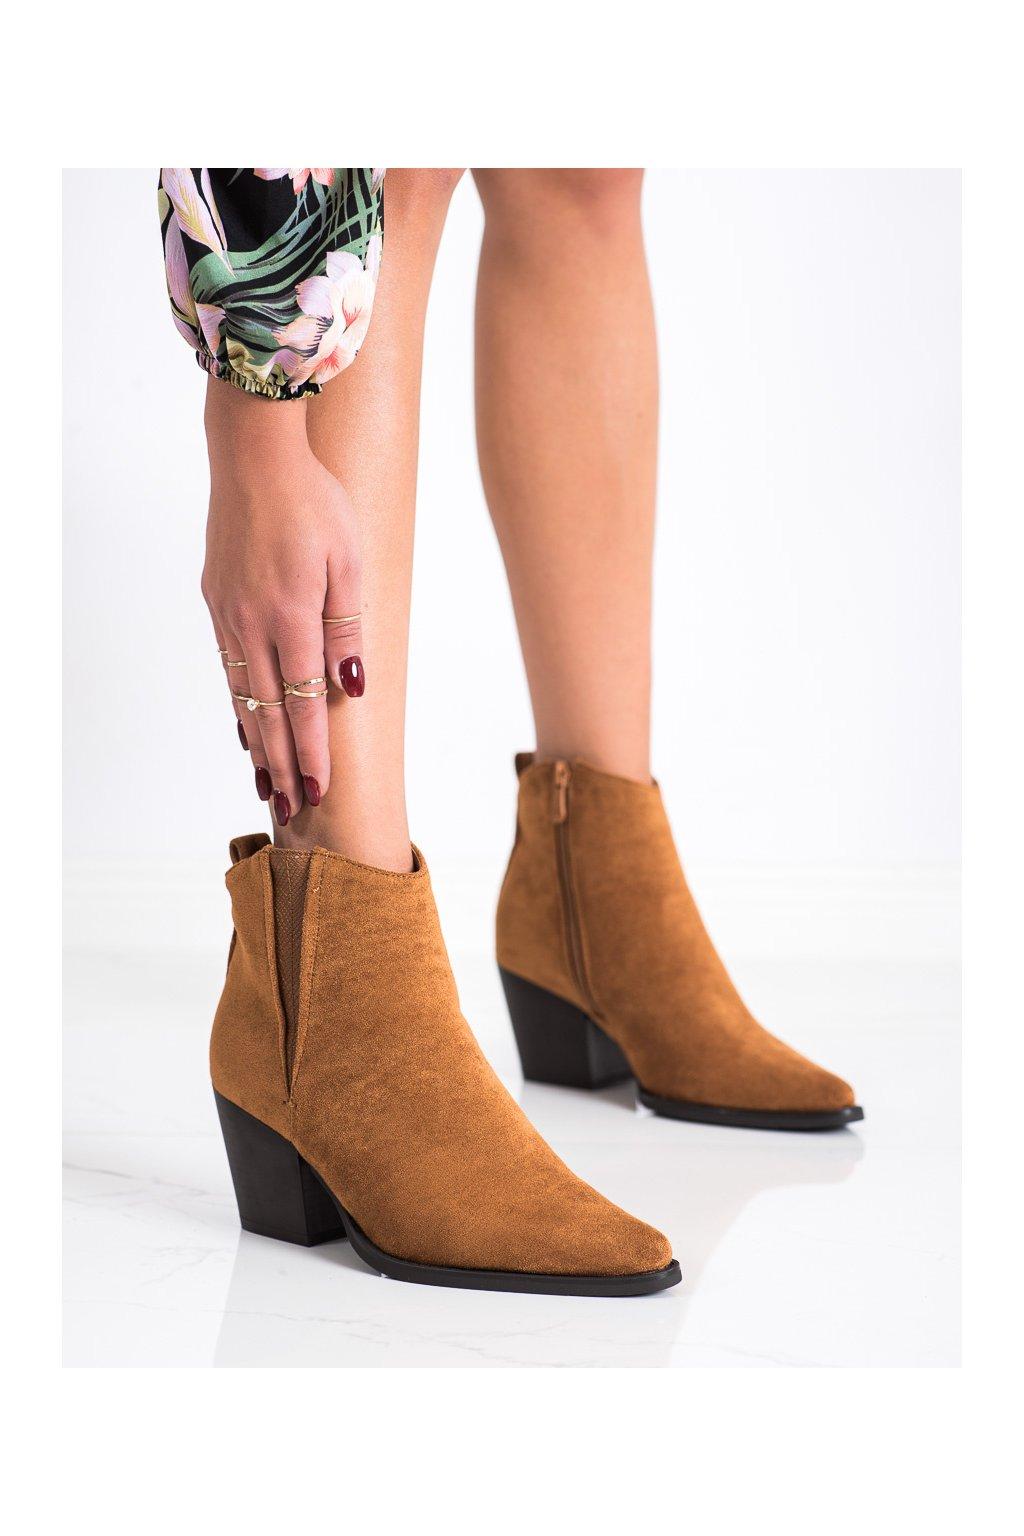 Hnedé dámske topánky Bestelle kod 19051C